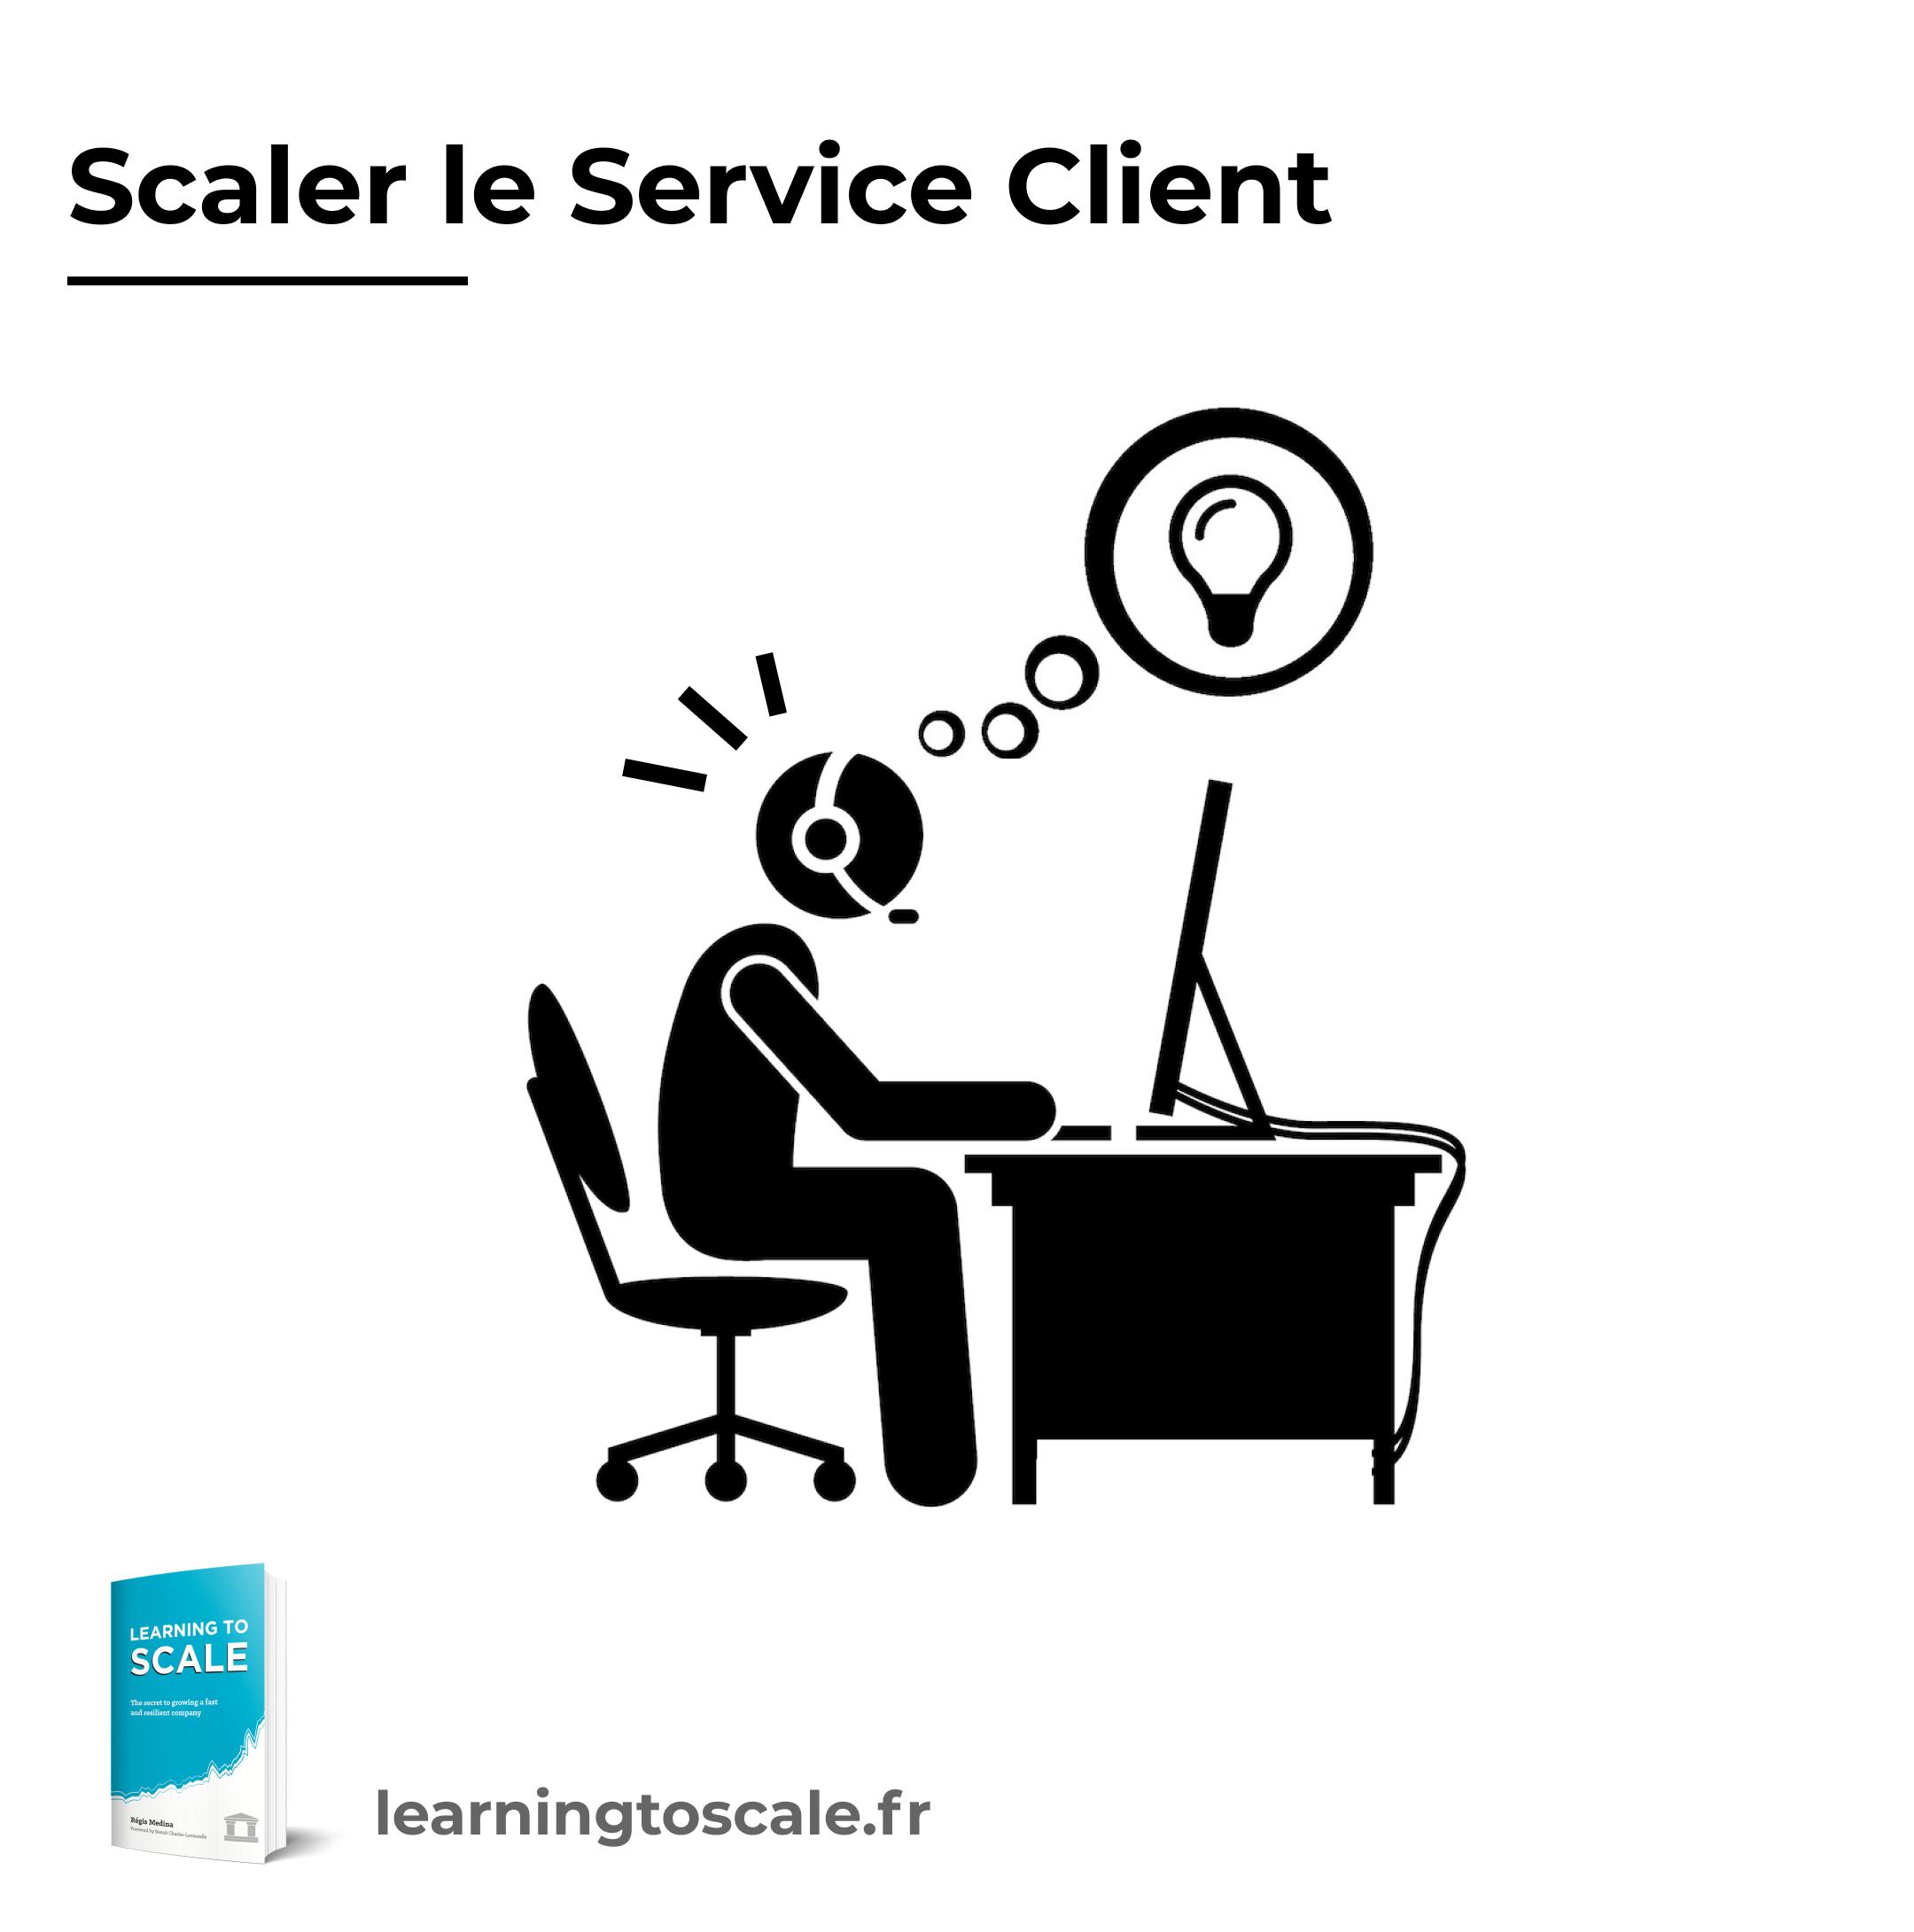 Scaler le service client